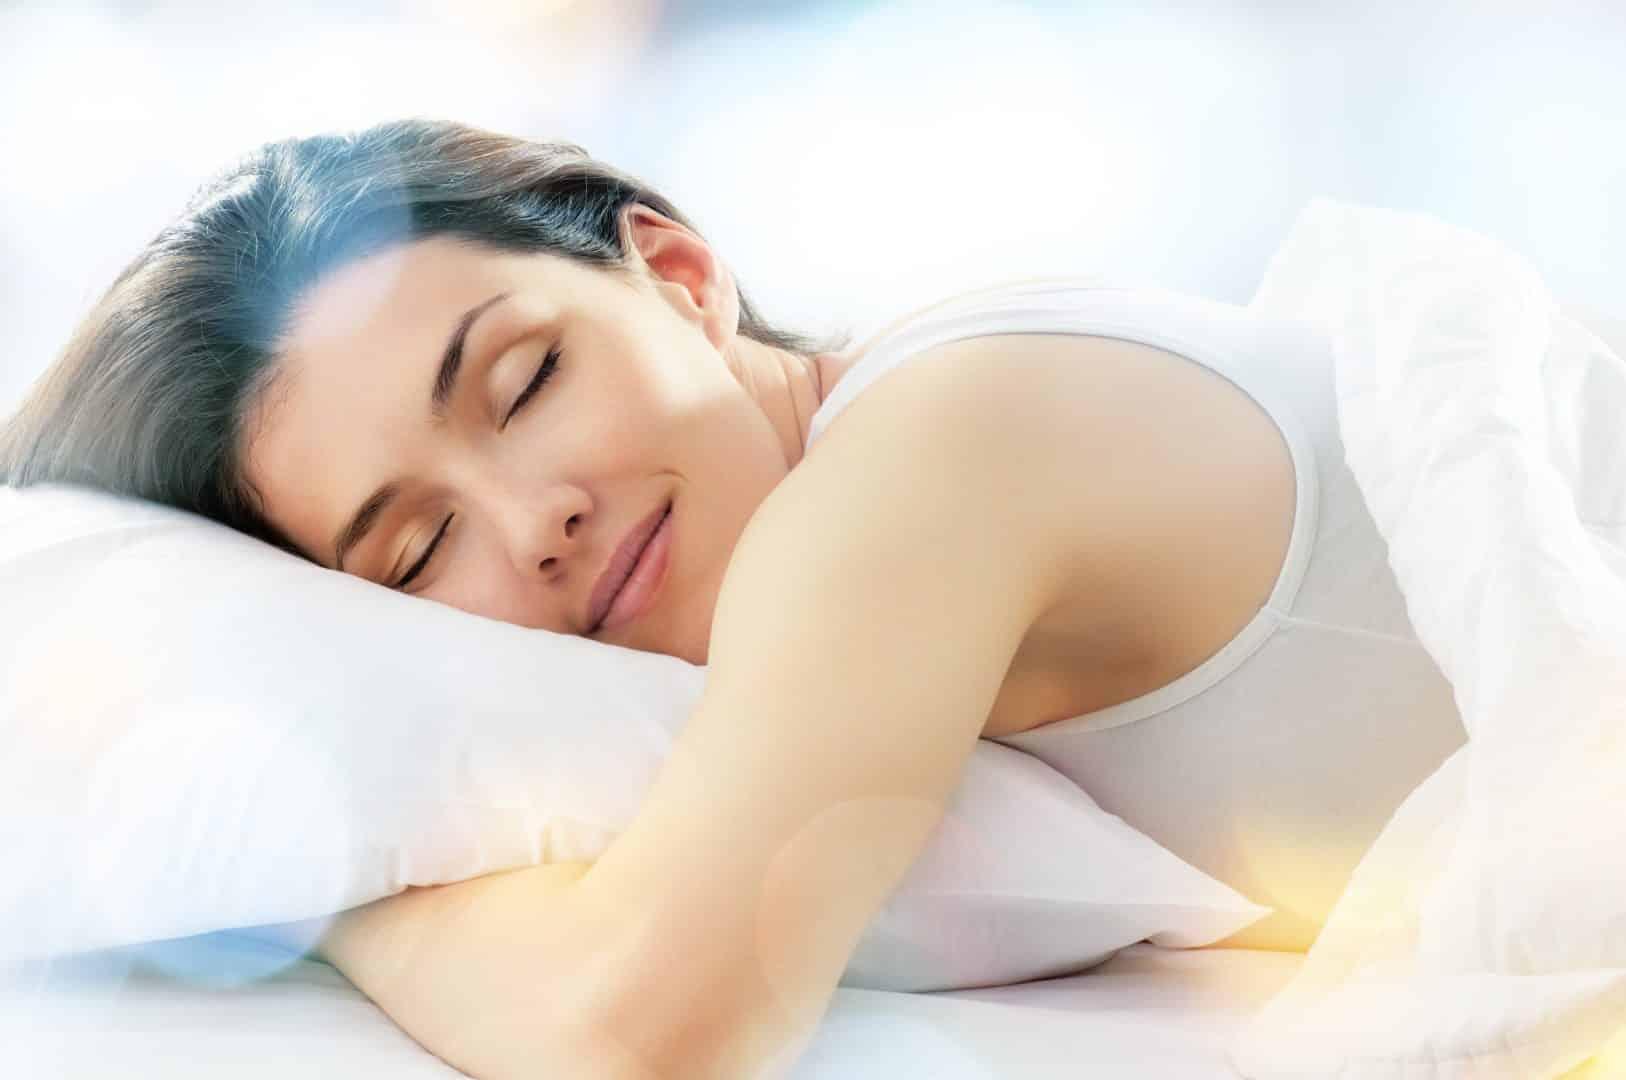 O ruído branco, pode ser a solução para as suas noites de sono